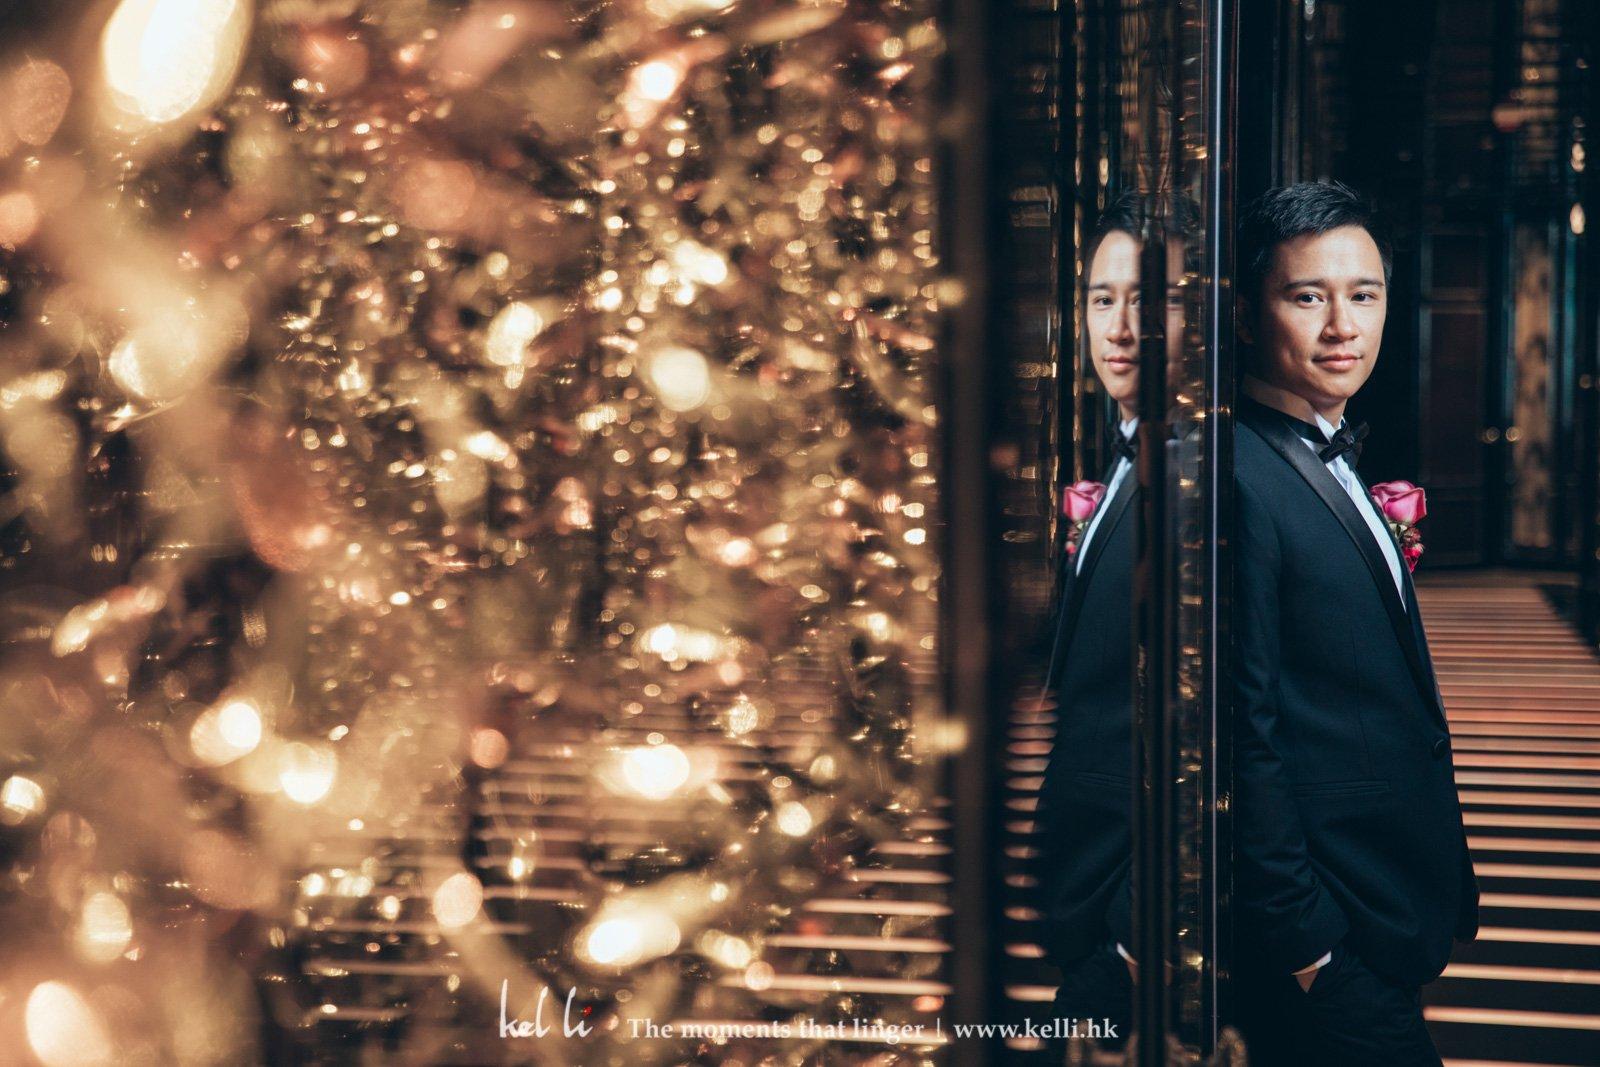 Ritz Carlton的一條巷子,新人在這華麗燈飾顯得更加艷麗